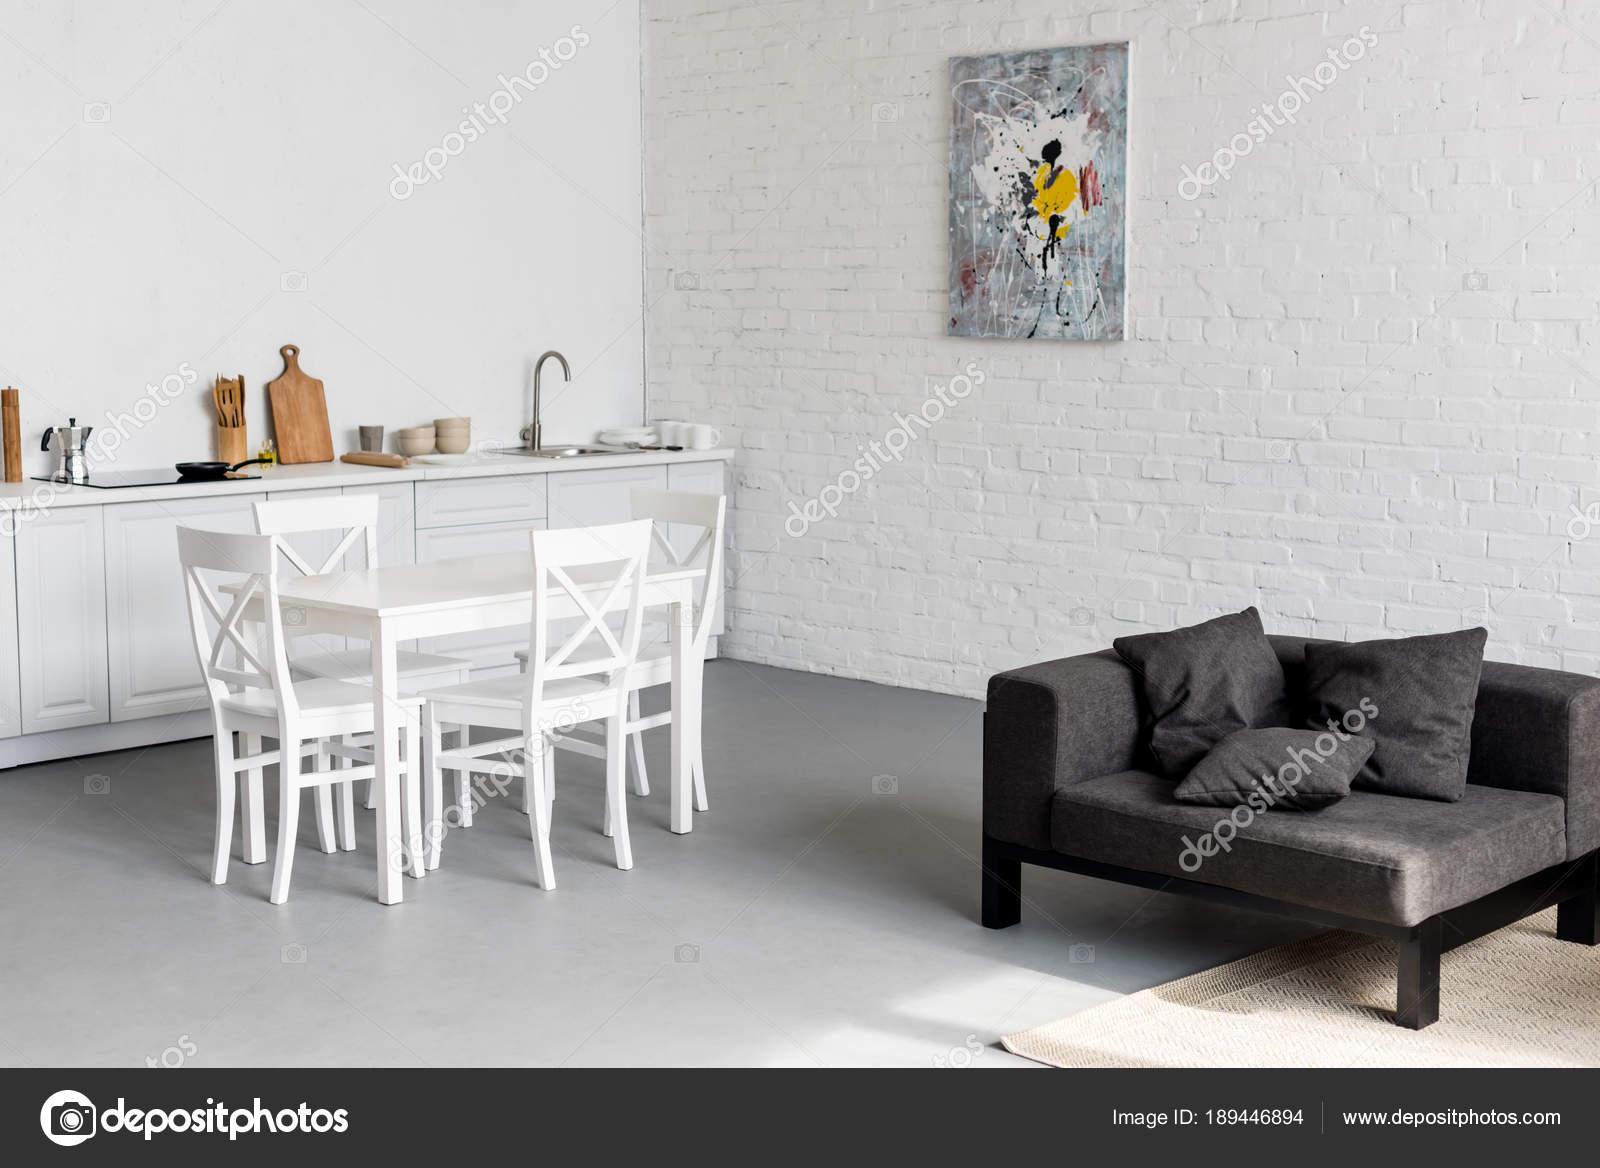 Mesa Comedor Cocina Apartamento Moderno — Foto de stock ...